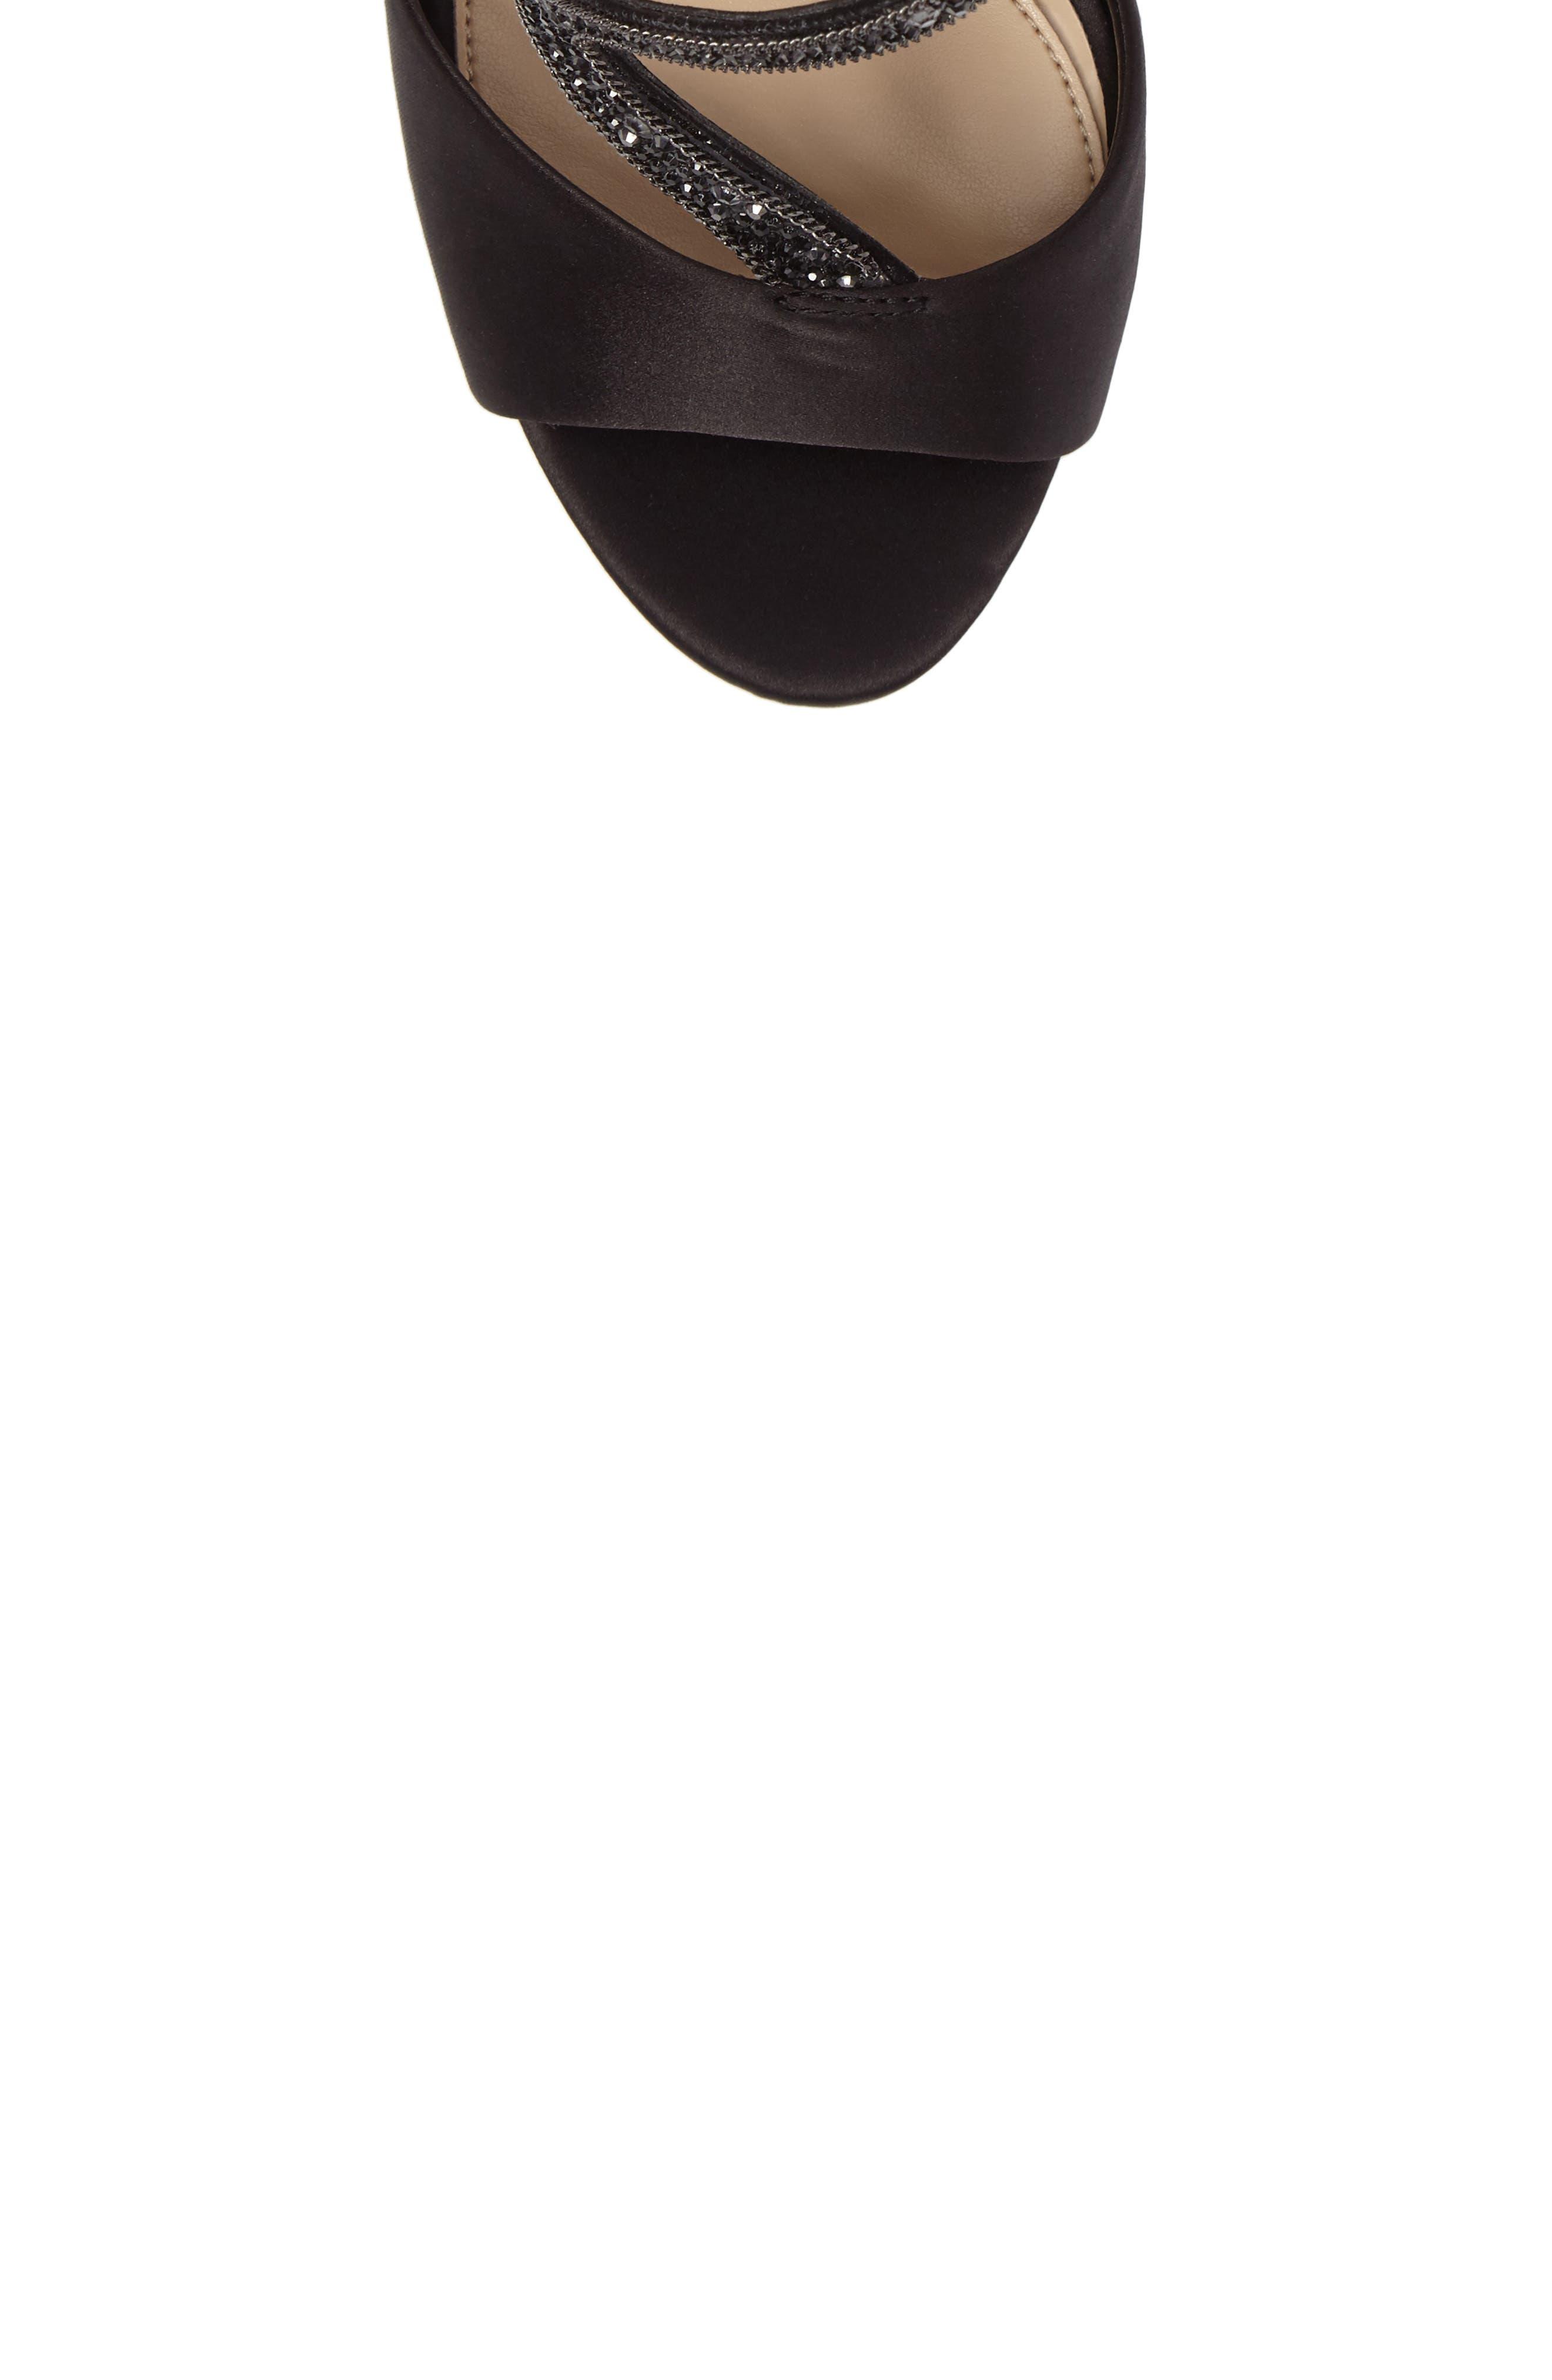 Imagine Vince Camuto Dafny Embellished Sandal,                             Alternate thumbnail 5, color,                             Black Satin